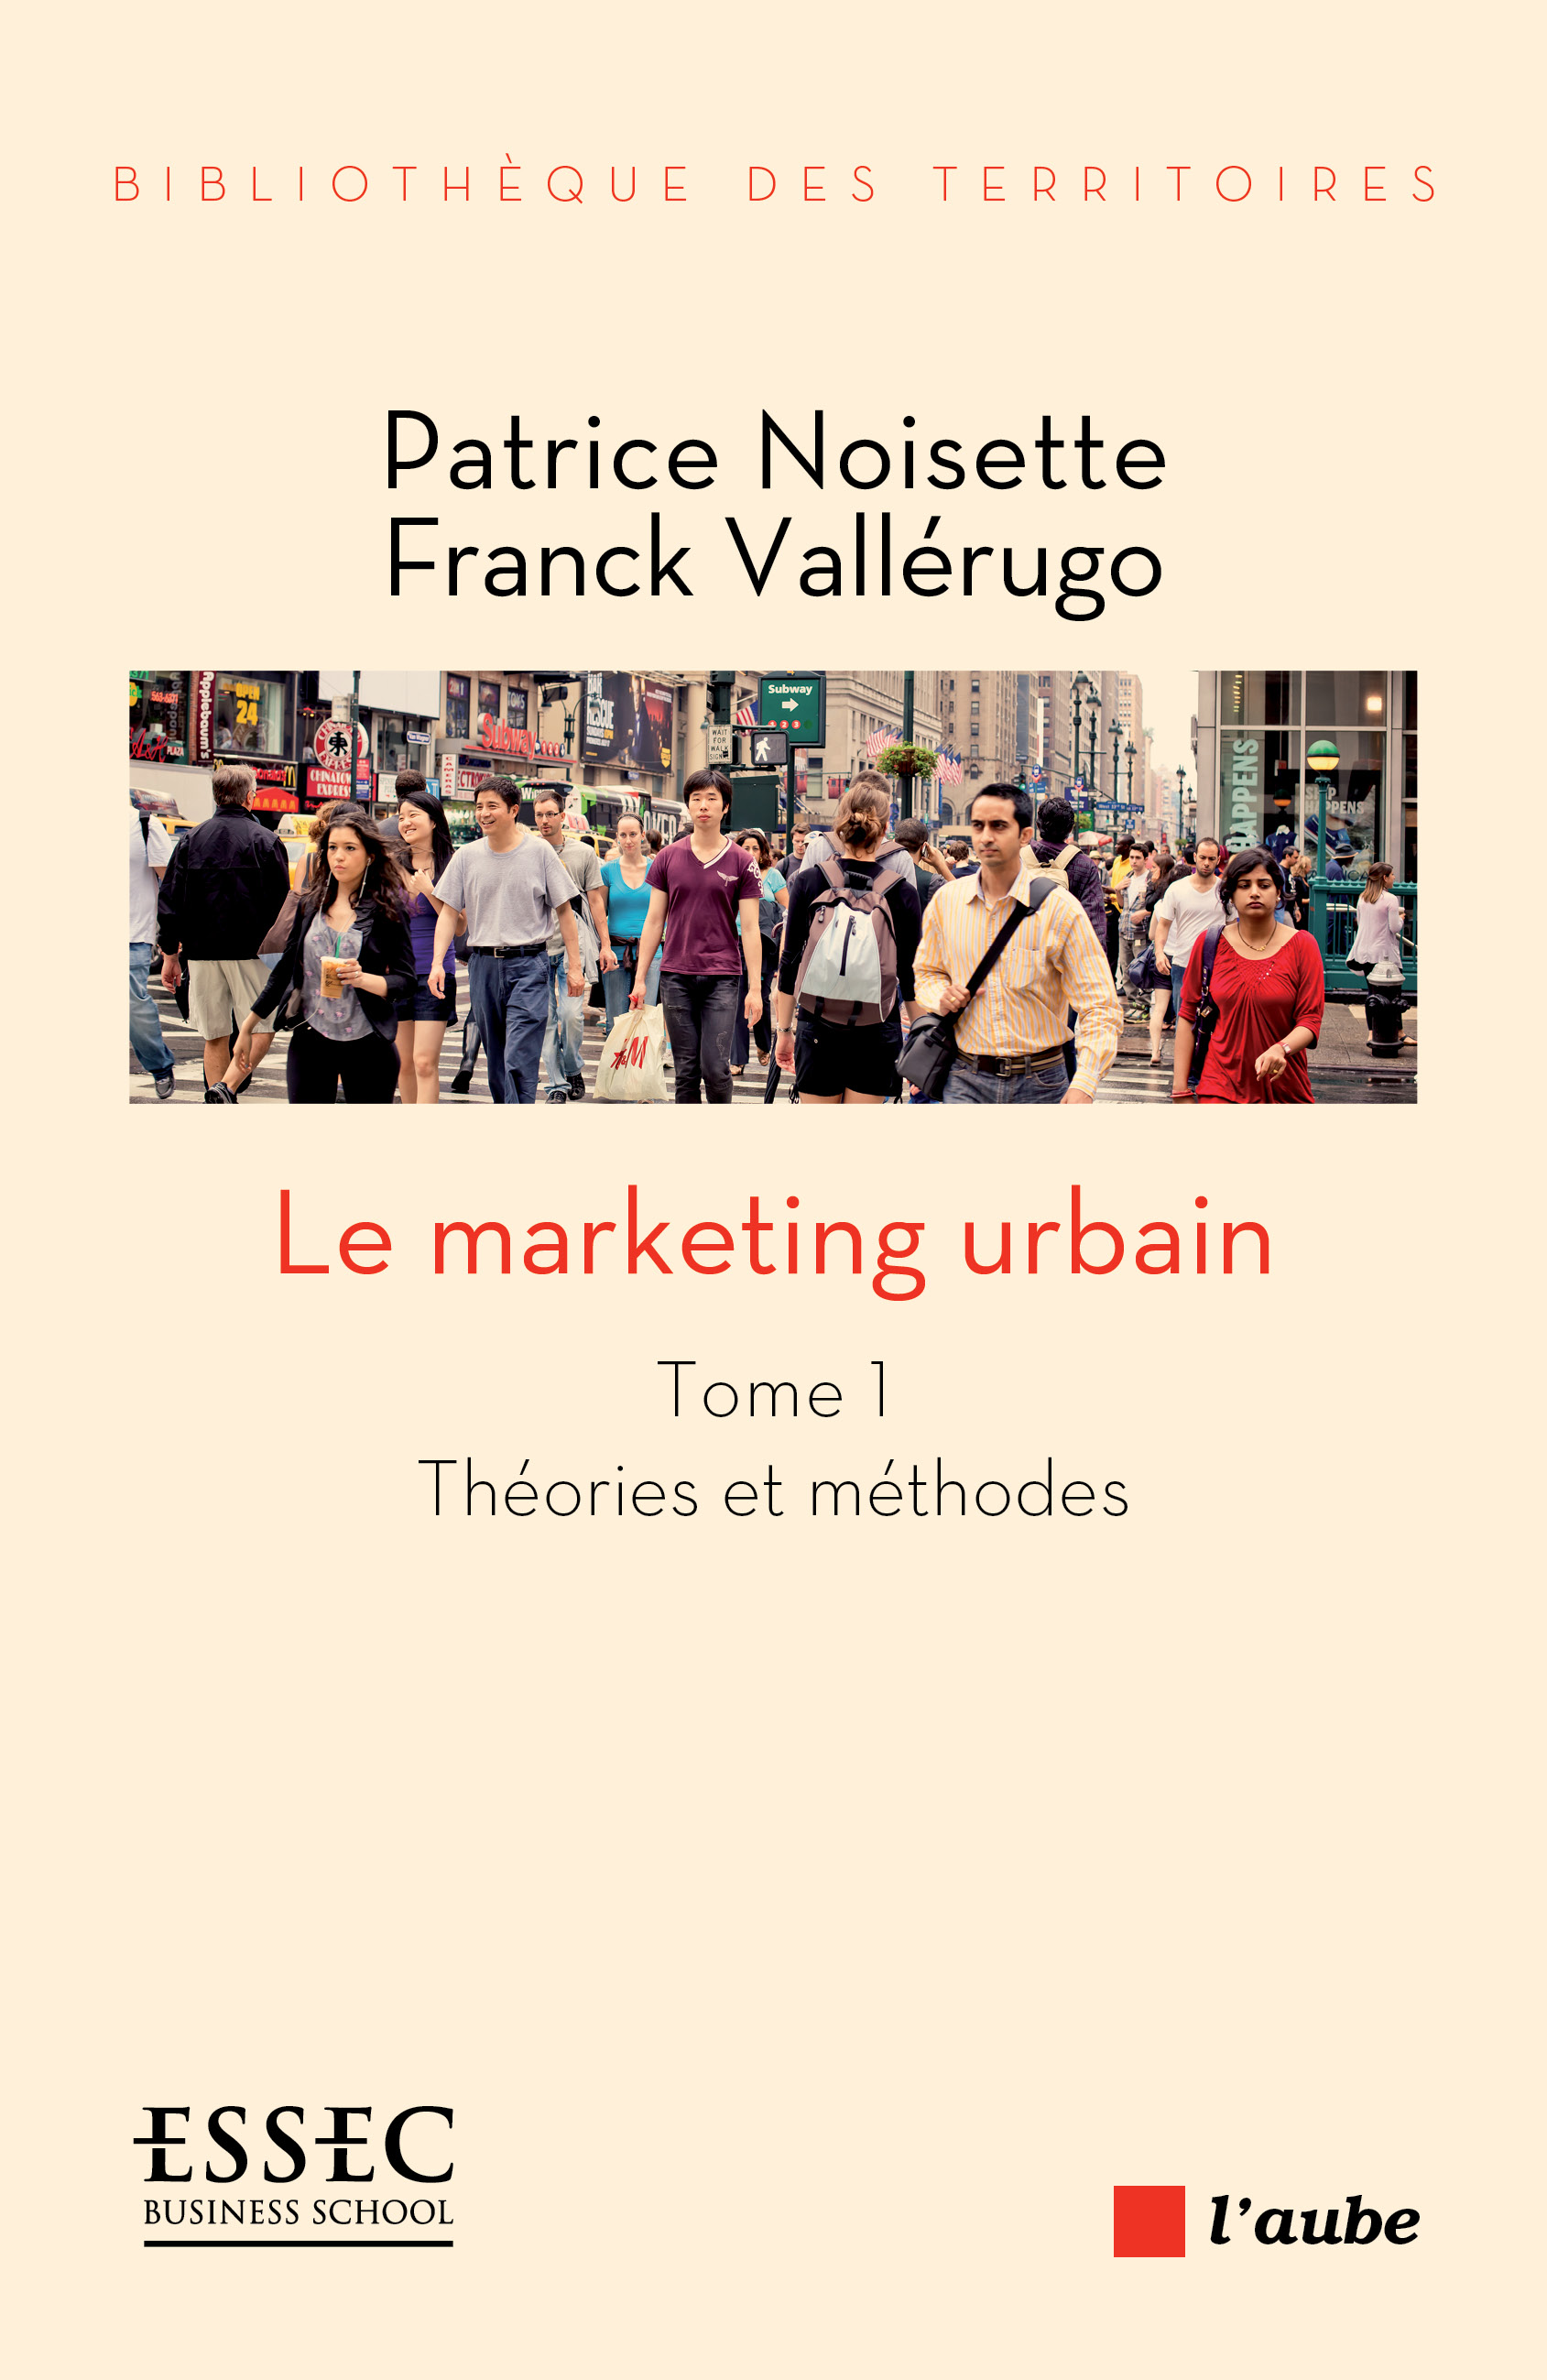 Le marketing urbain, tome 1